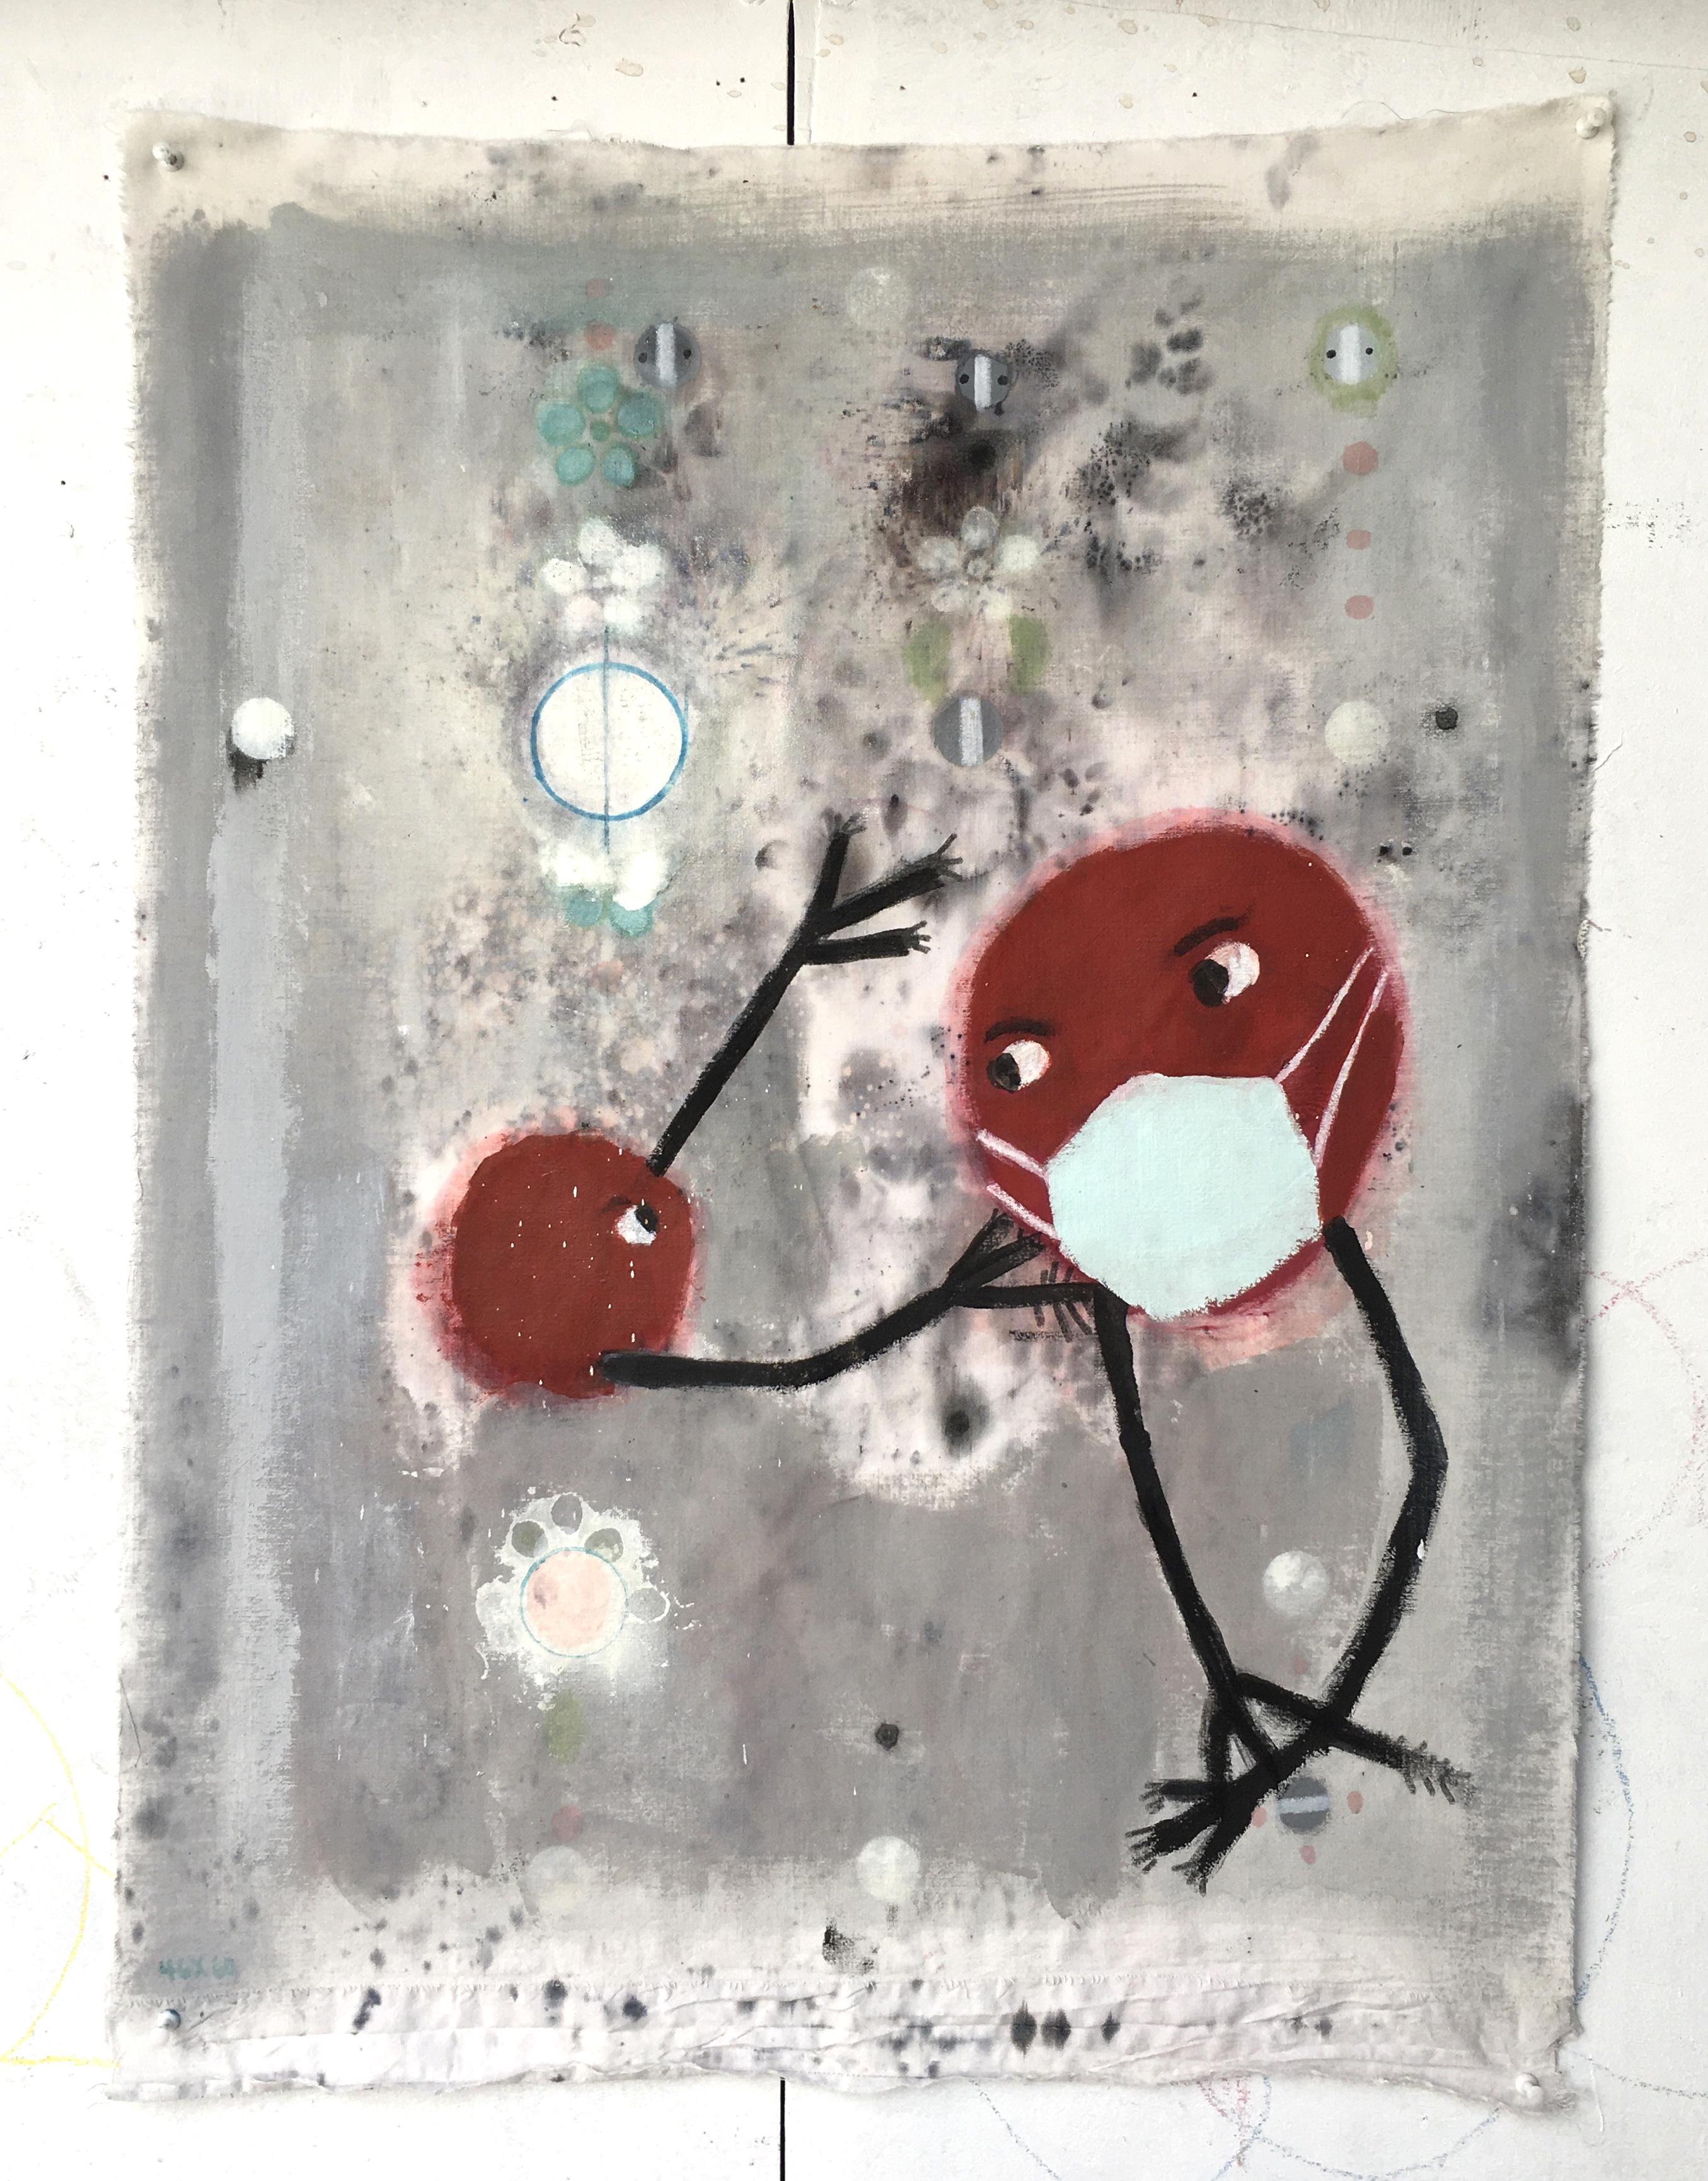 Untitled (rawfabric)65x54cm